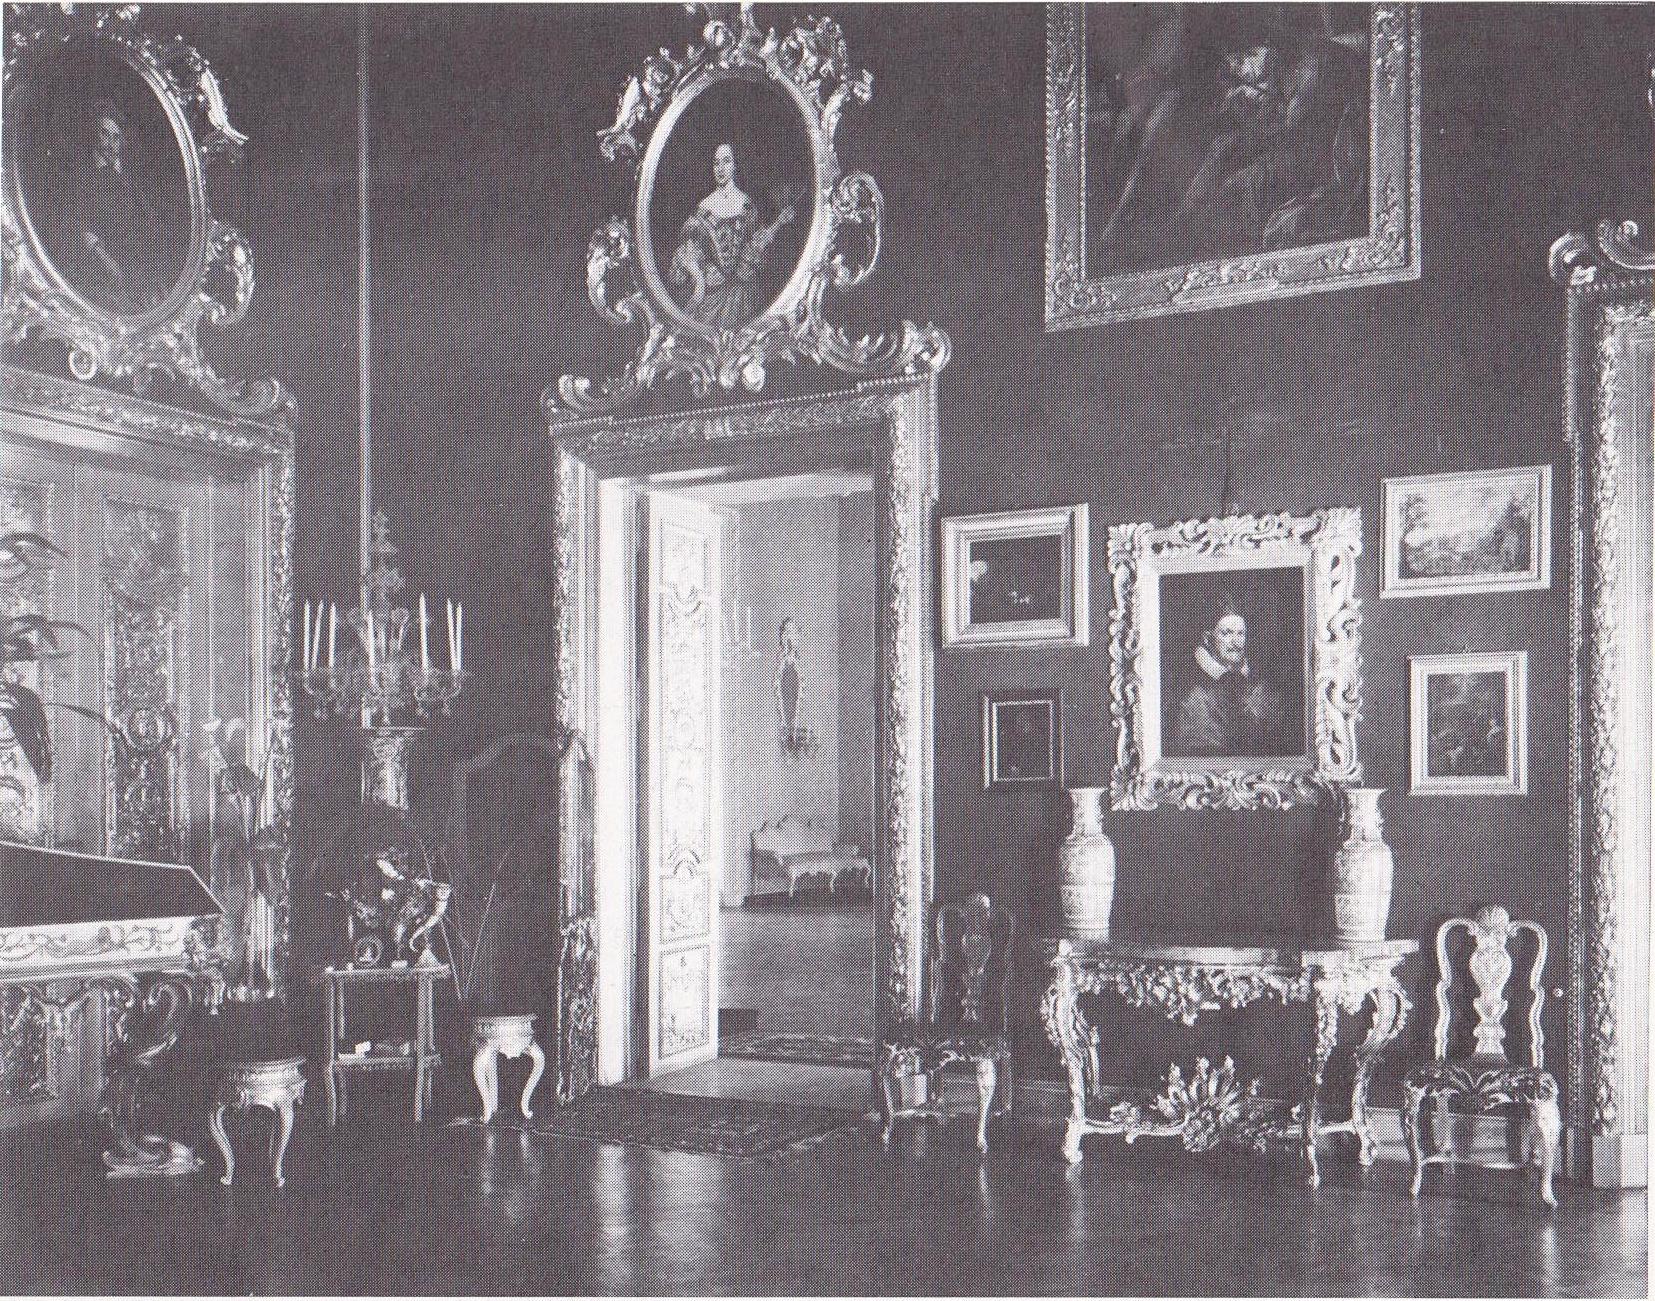 rocaille-blog-palazzo-brancaccio-museo-arte-orientale-77